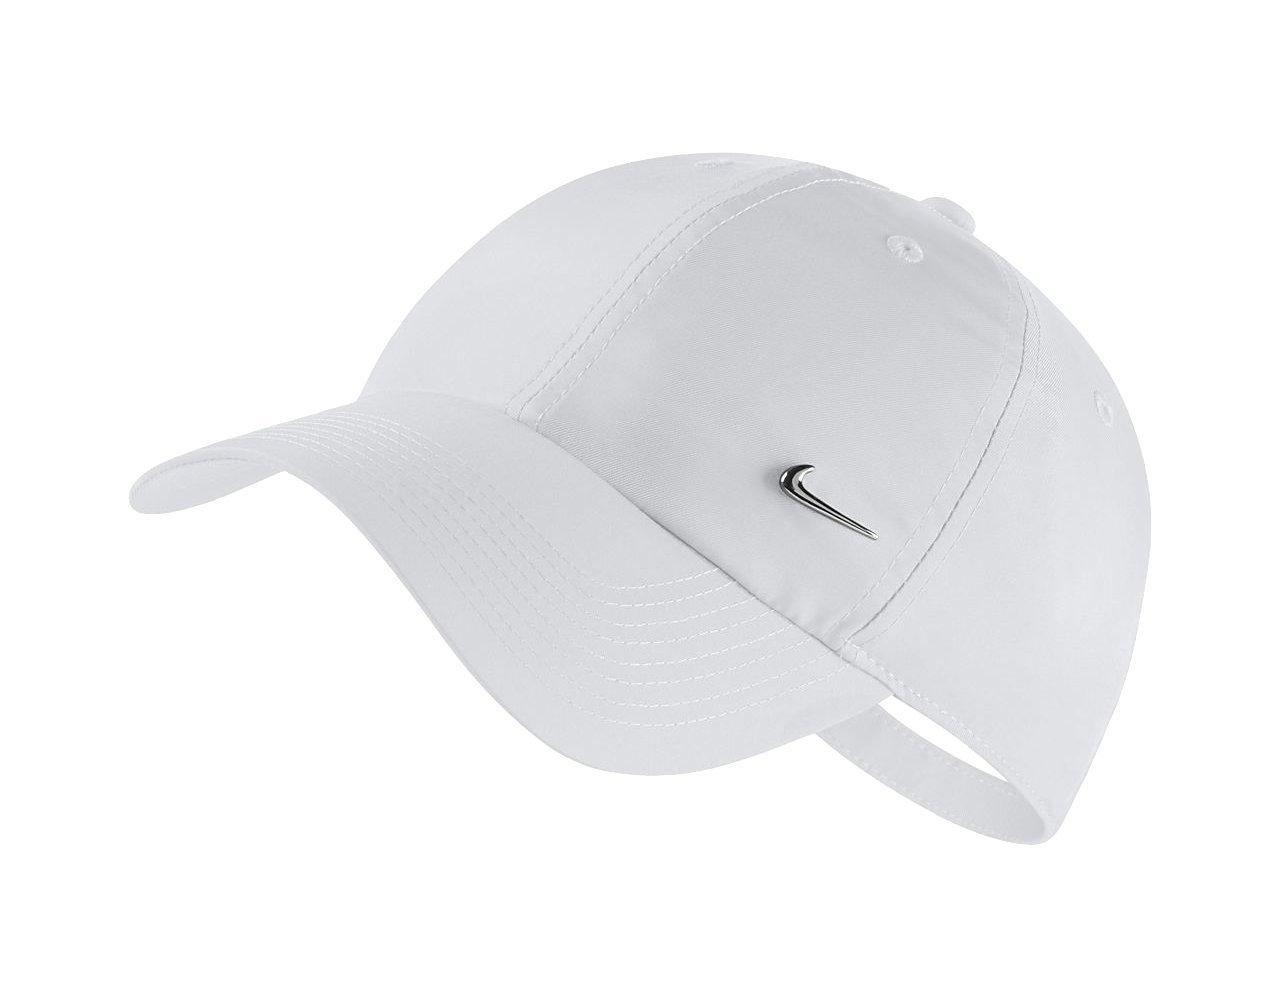 NIKE Unisex Sportswear Heritage86 Cap (White, One Size)